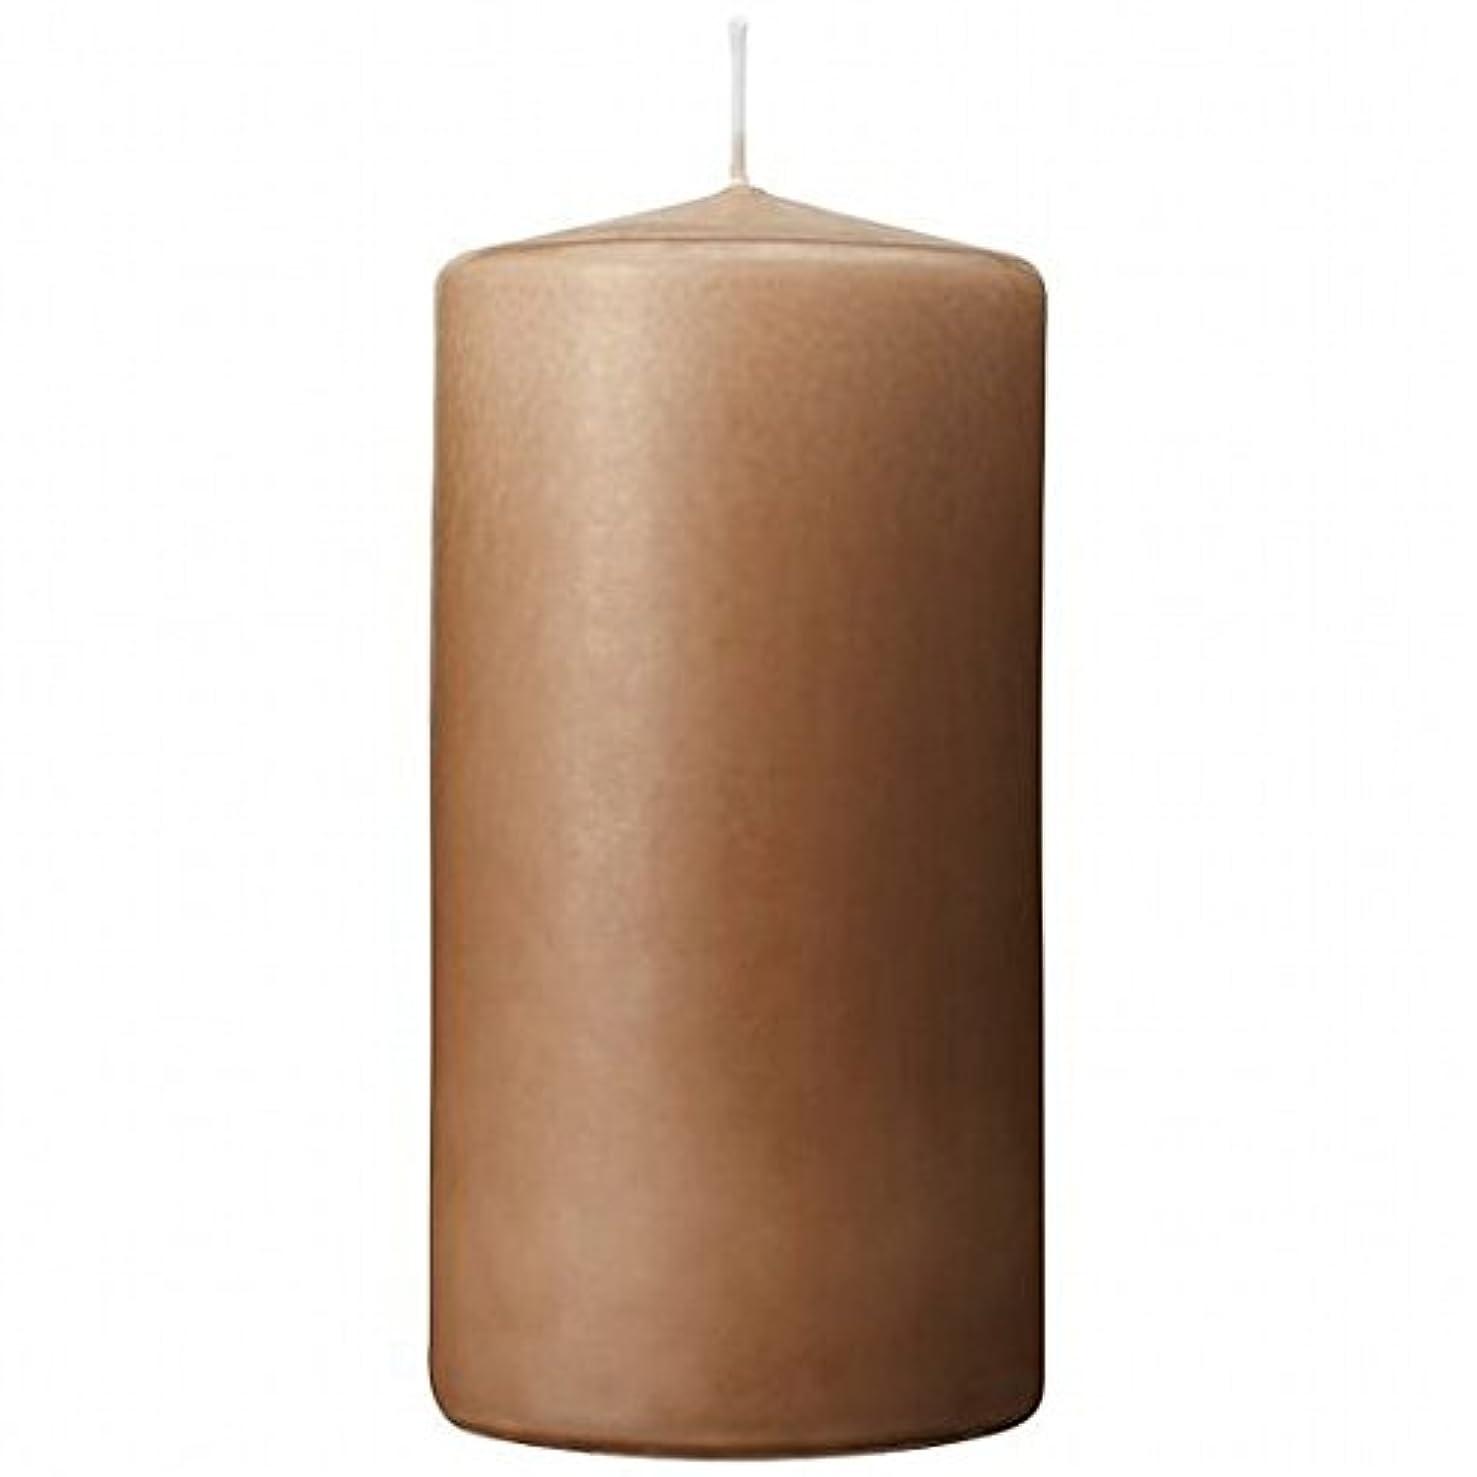 豪華な石の涙kameyama candle(カメヤマキャンドル) 3×6ベルトップピラーキャンドル 「 モカ 」(A9730010MO)